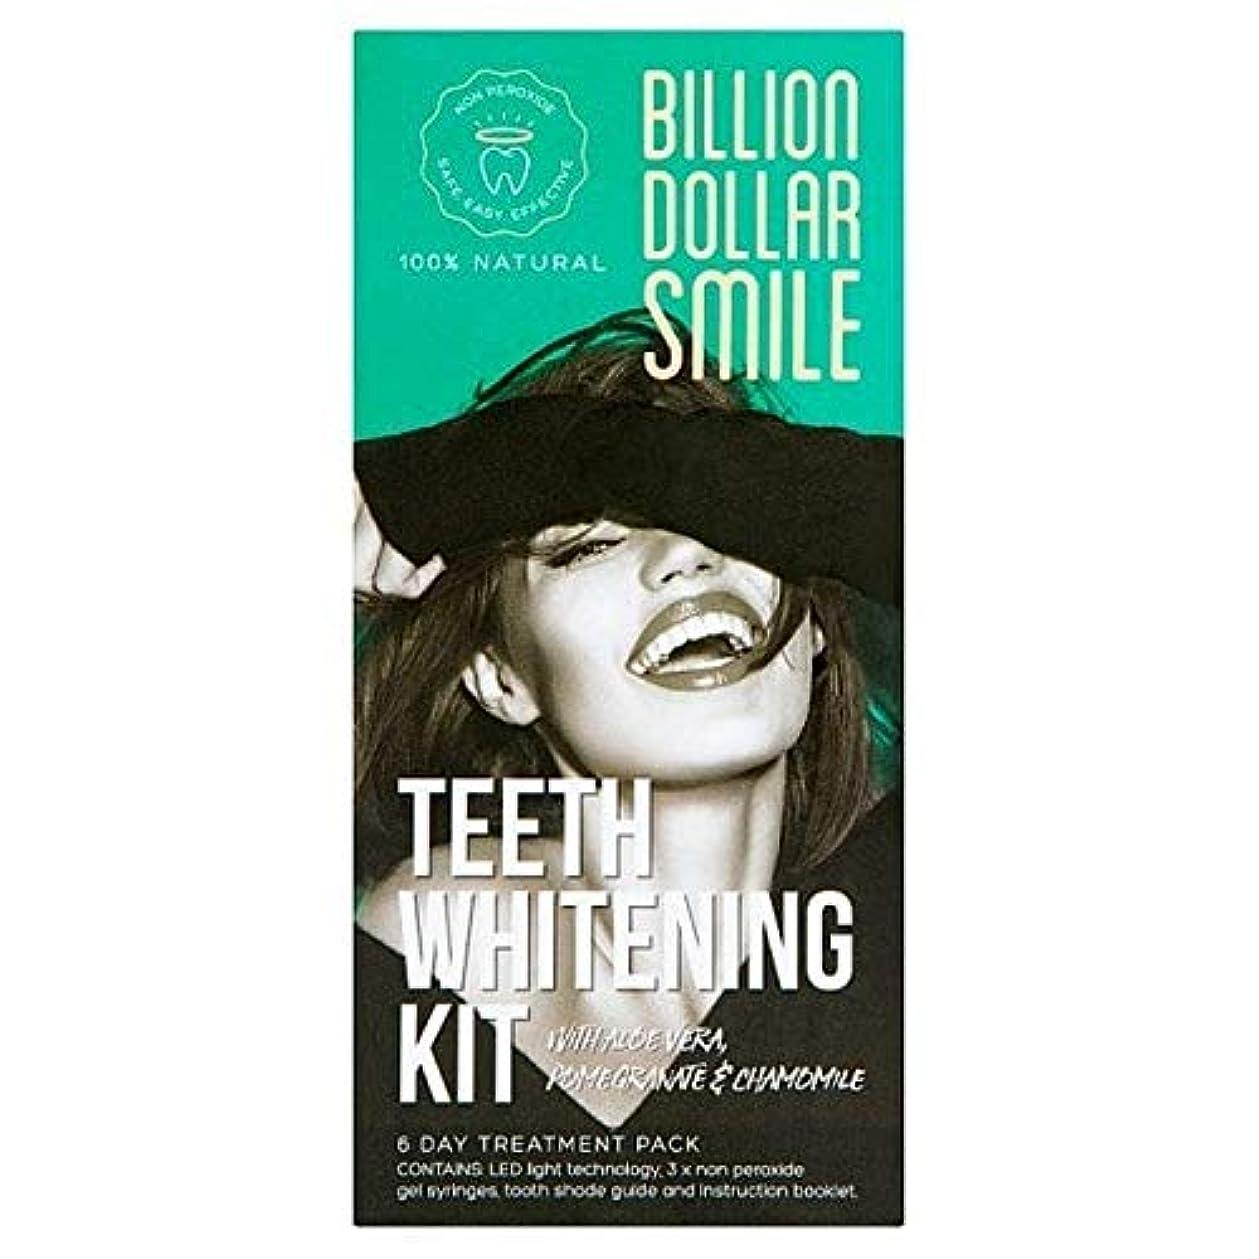 親愛な準備した引き出す[Billion Dollar Smile ] キットを白く億ドルの笑顔歯 - Billion Dollar Smile Teeth Whitening Kit [並行輸入品]